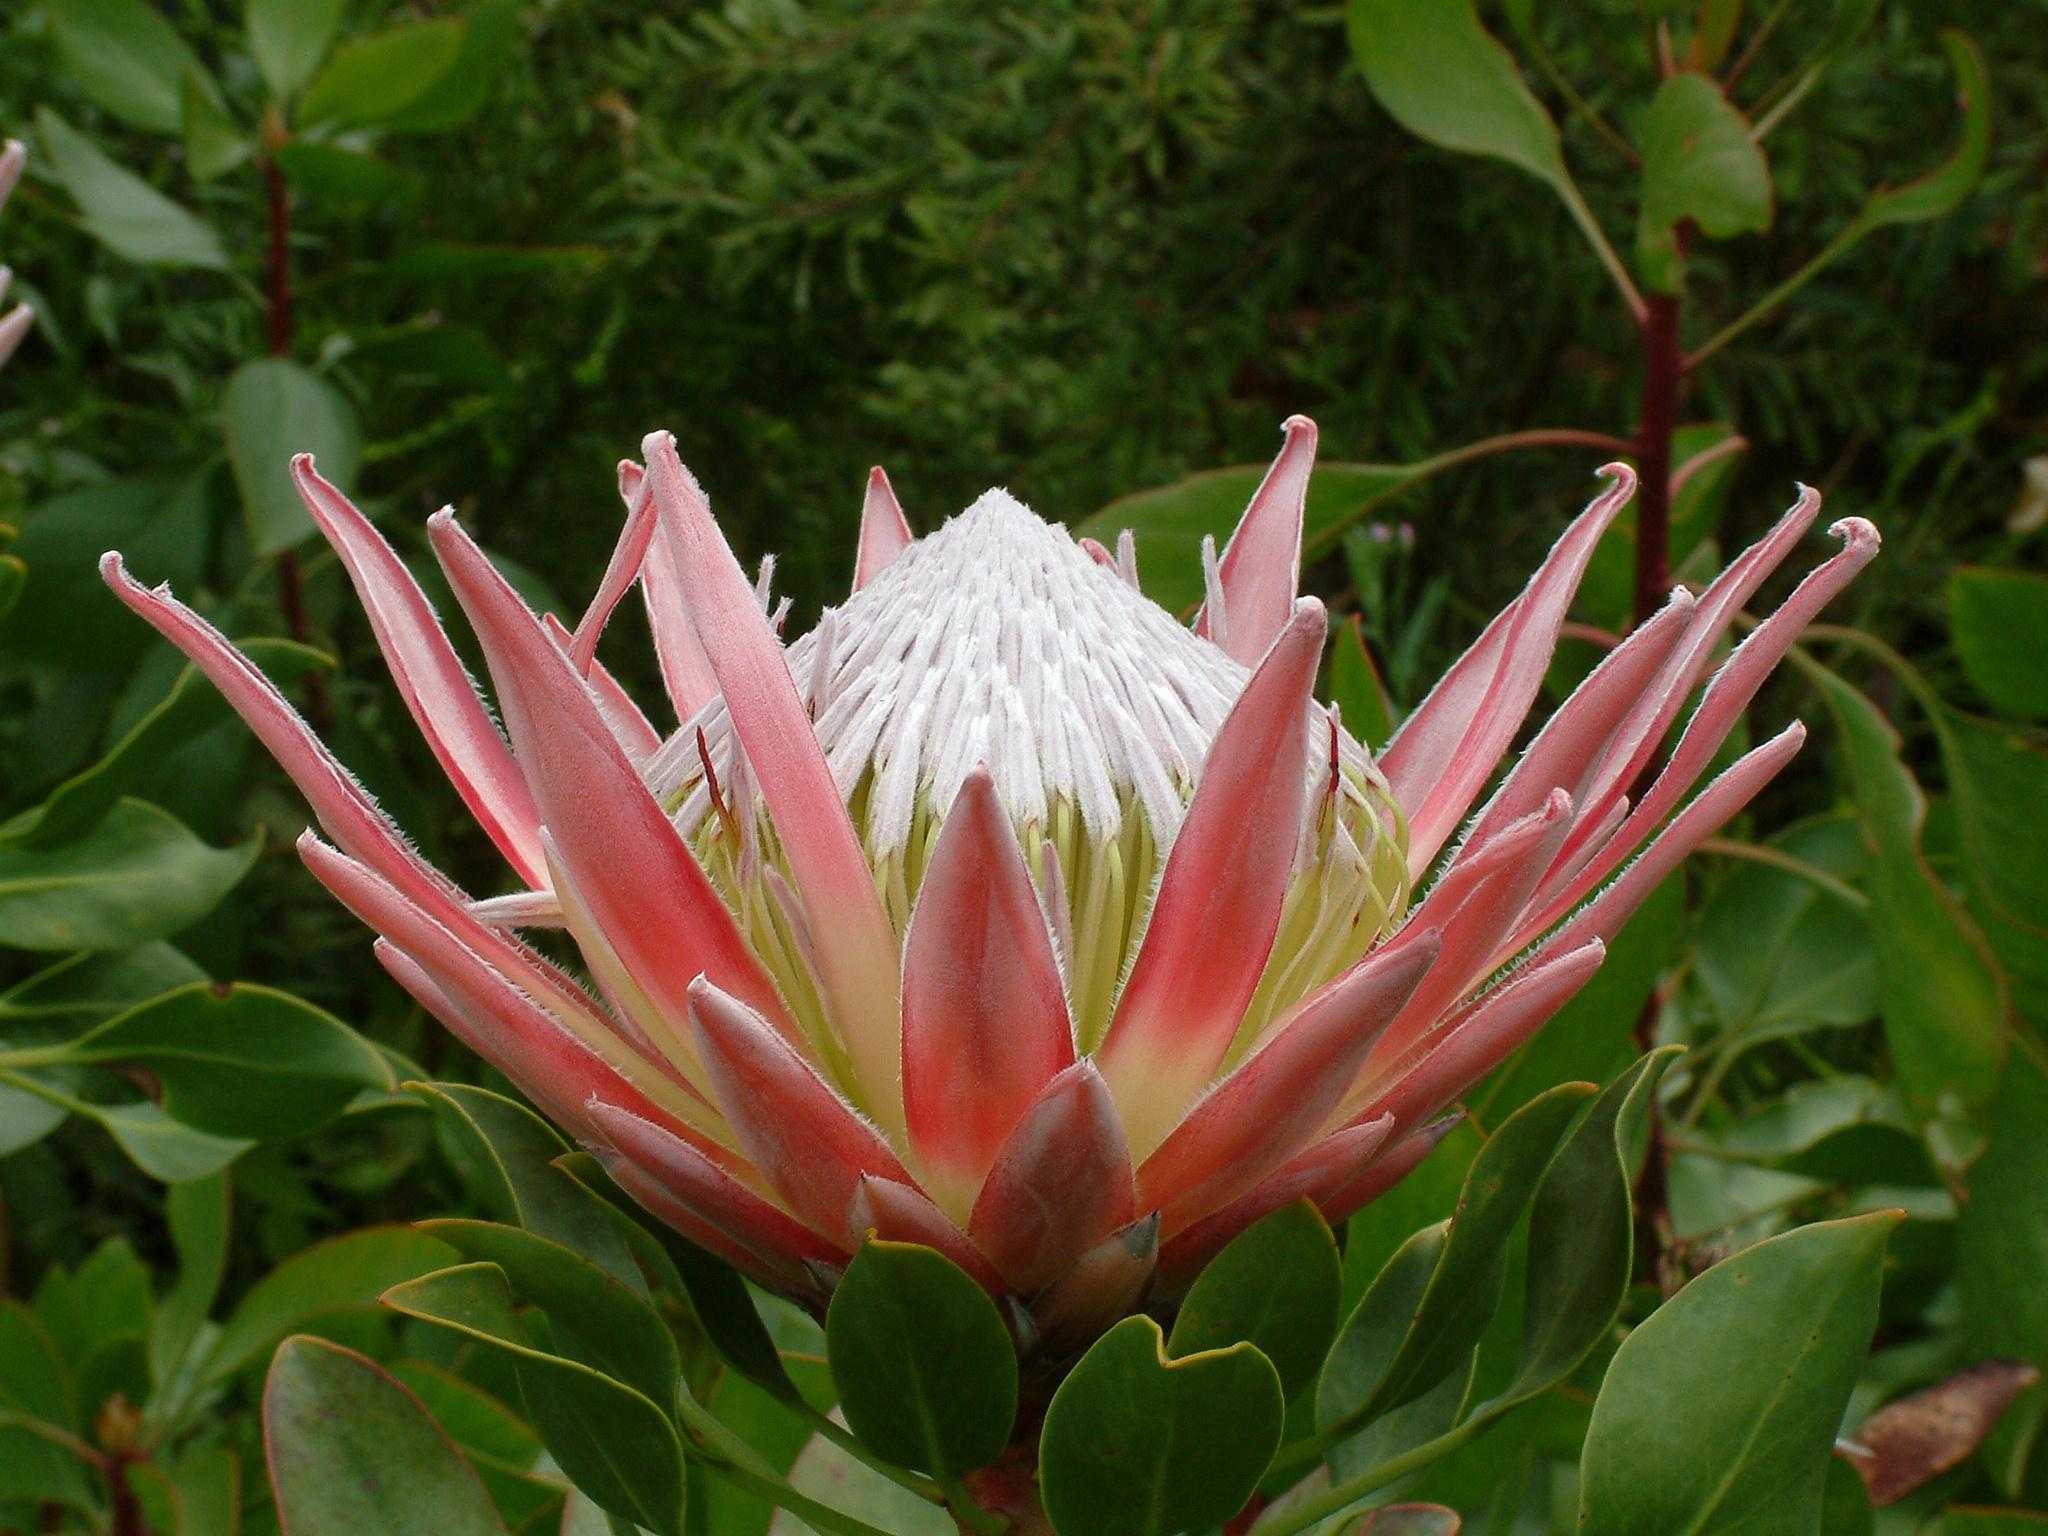 Protea cynaroides 'King Protea' flower